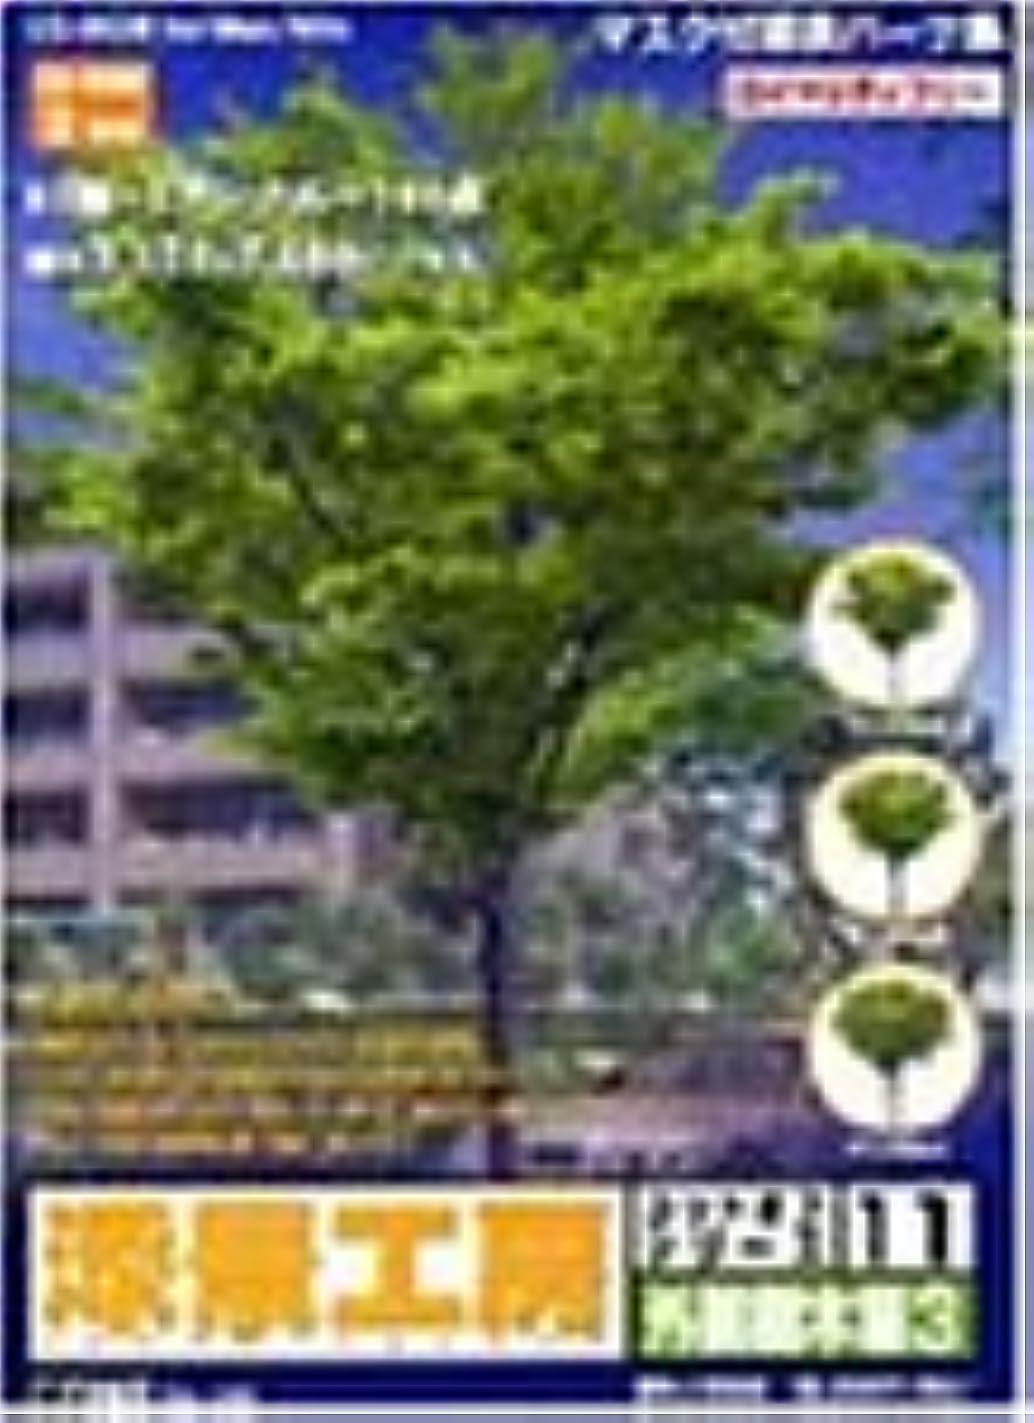 フレッシュミスペンド公園添景工房 カットオフシリーズ 11 外観樹木編 3